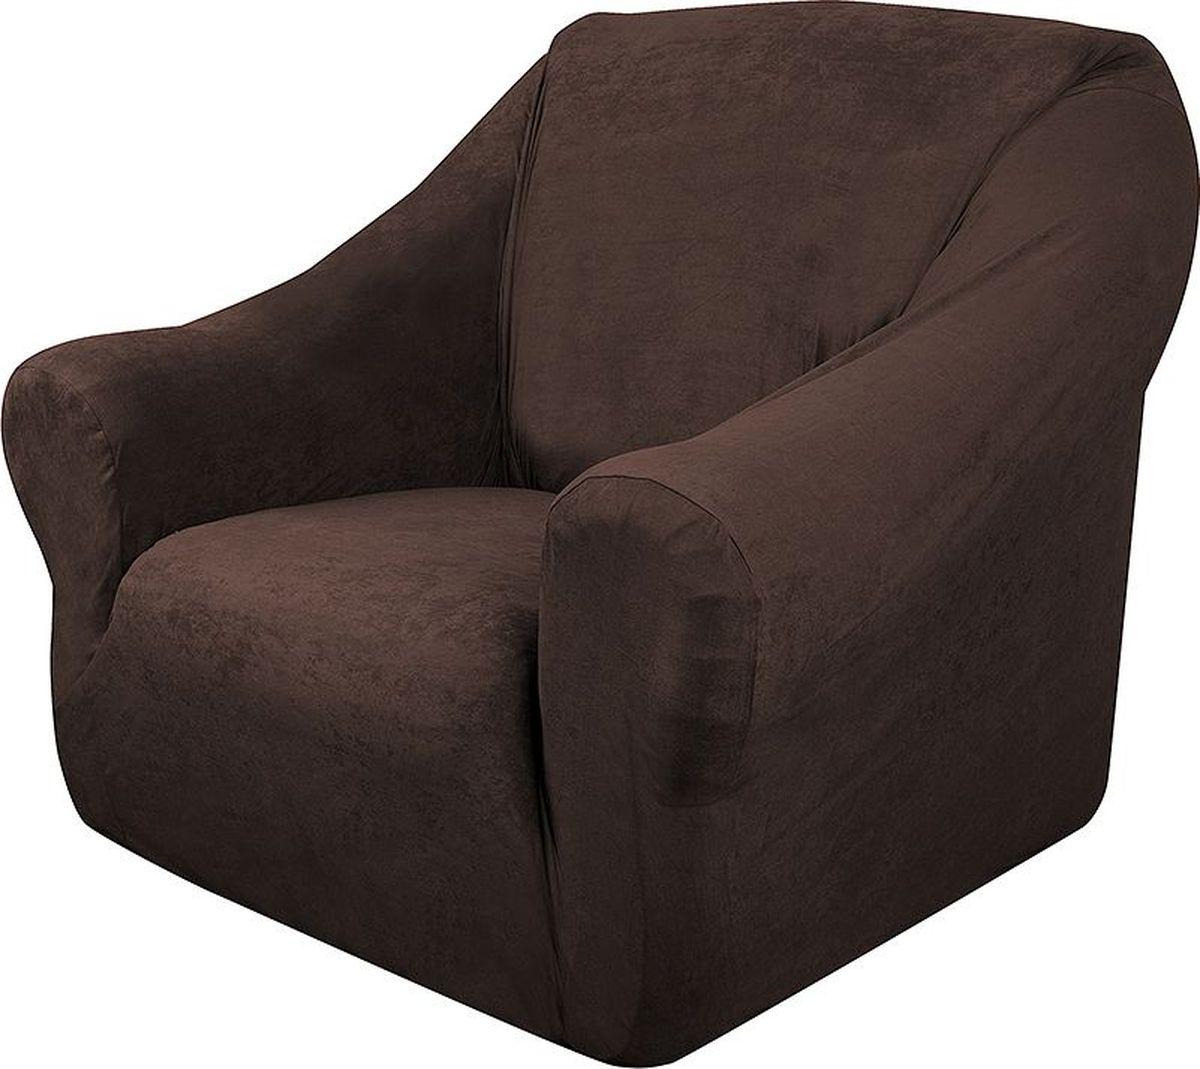 Чехол на кресло Медежда Лидс, цвет: шоколадный1401071111000Чехол изготовлен из искусственной замши, очень приятен на ощупь, легко растягивается и выглядит почти как новая обивка дивана, подходит для большинства стандартных диванов с шириной спинки от 85 до 105 см. Искусственная замша сочетает в себе изящество, стиль и характерные эффекты натуральной замши с прочностью, износостойкостью и фантастическими техническими характеристиками самых современных материалов.По внешнему виду современные искусственные аналоги практически неотличимы от натуральной замши, имеют максимальное визуальное сходство и создают неповторимое ощущение теплоты и пространства.